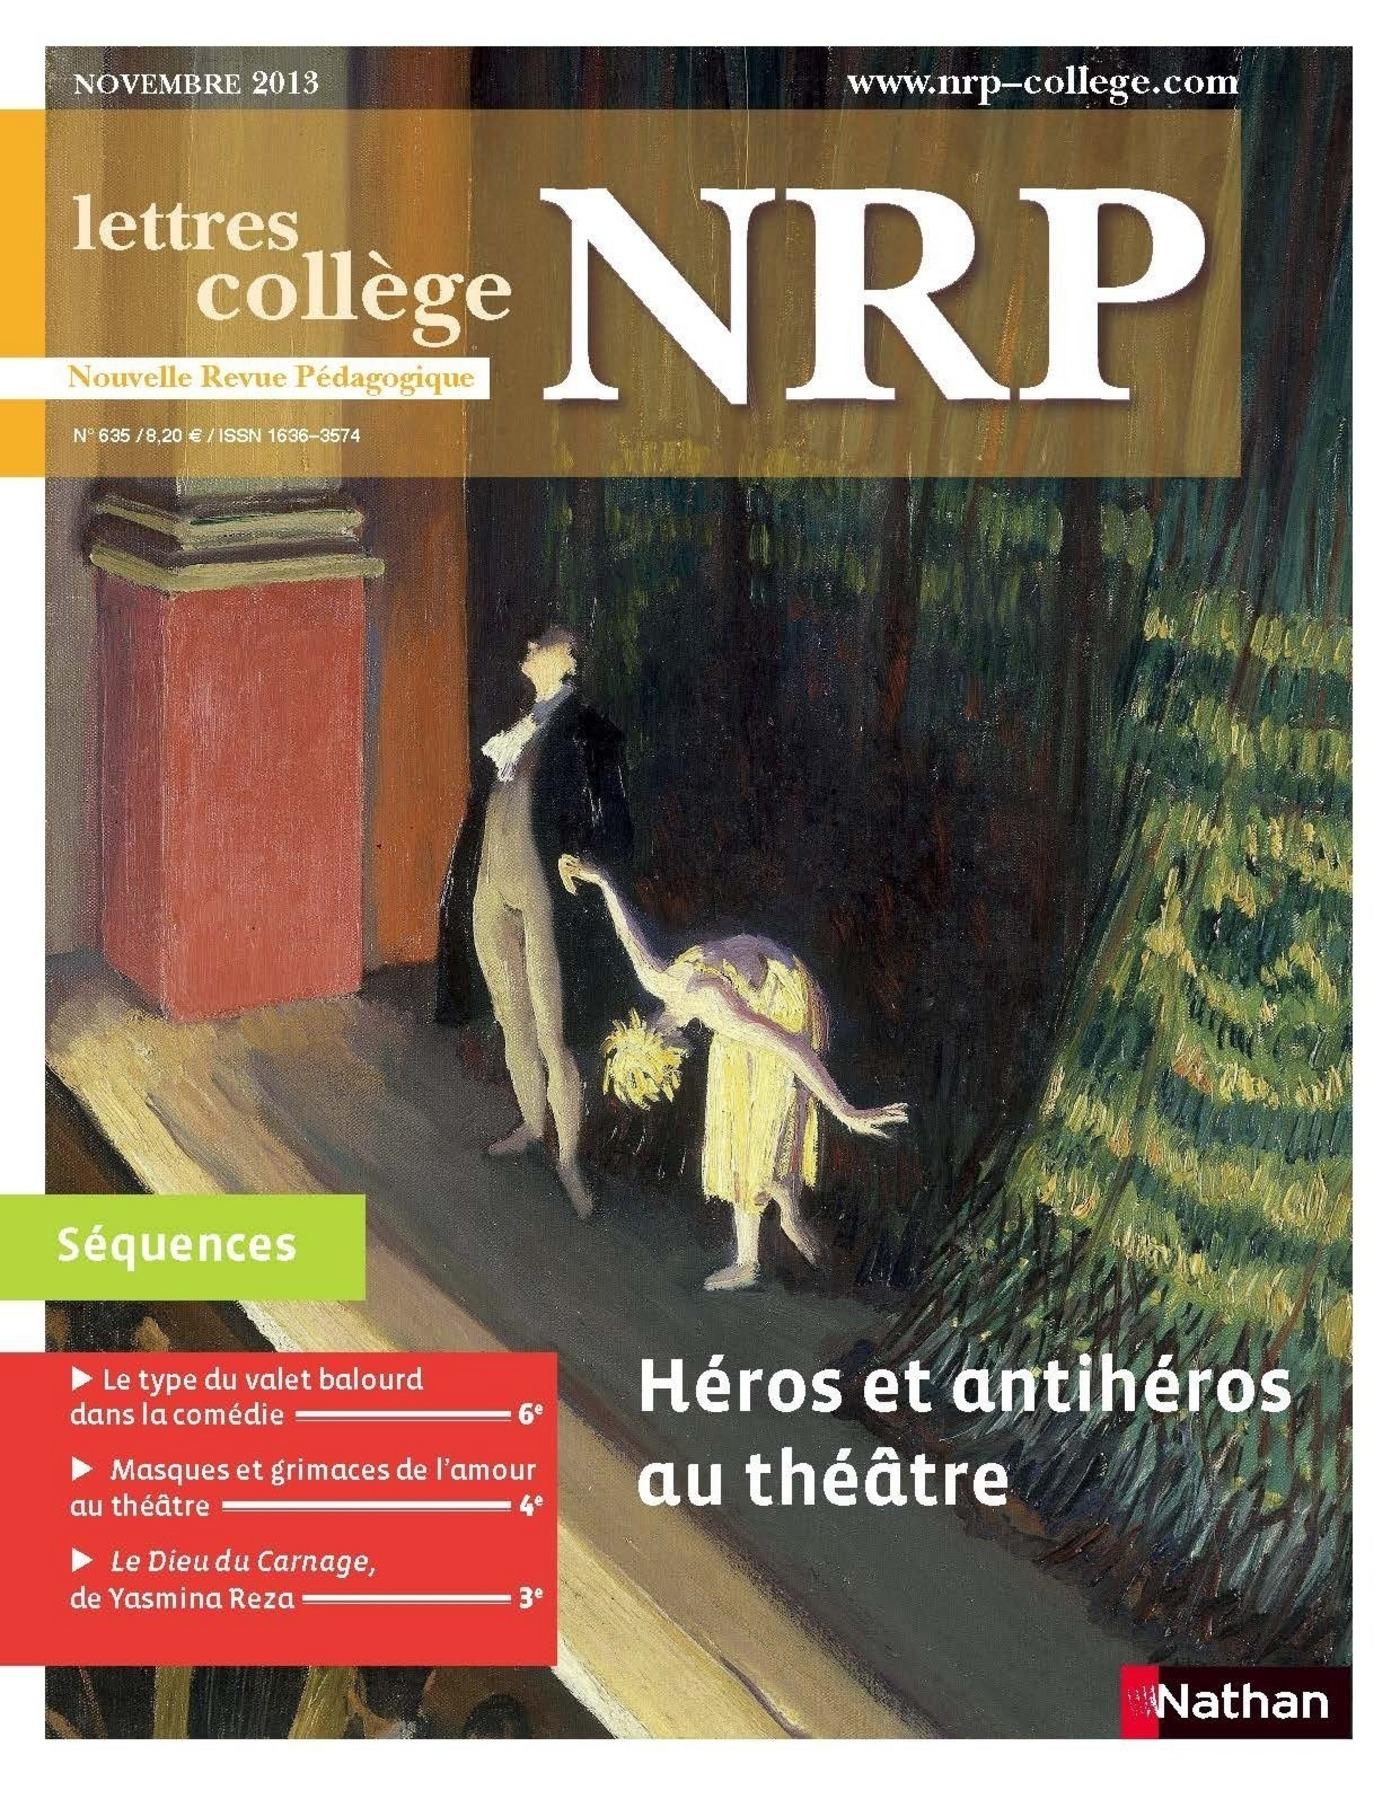 NRP Collège - Héros et antihéros au théâtre - Novembre 2013 (Format PDF)